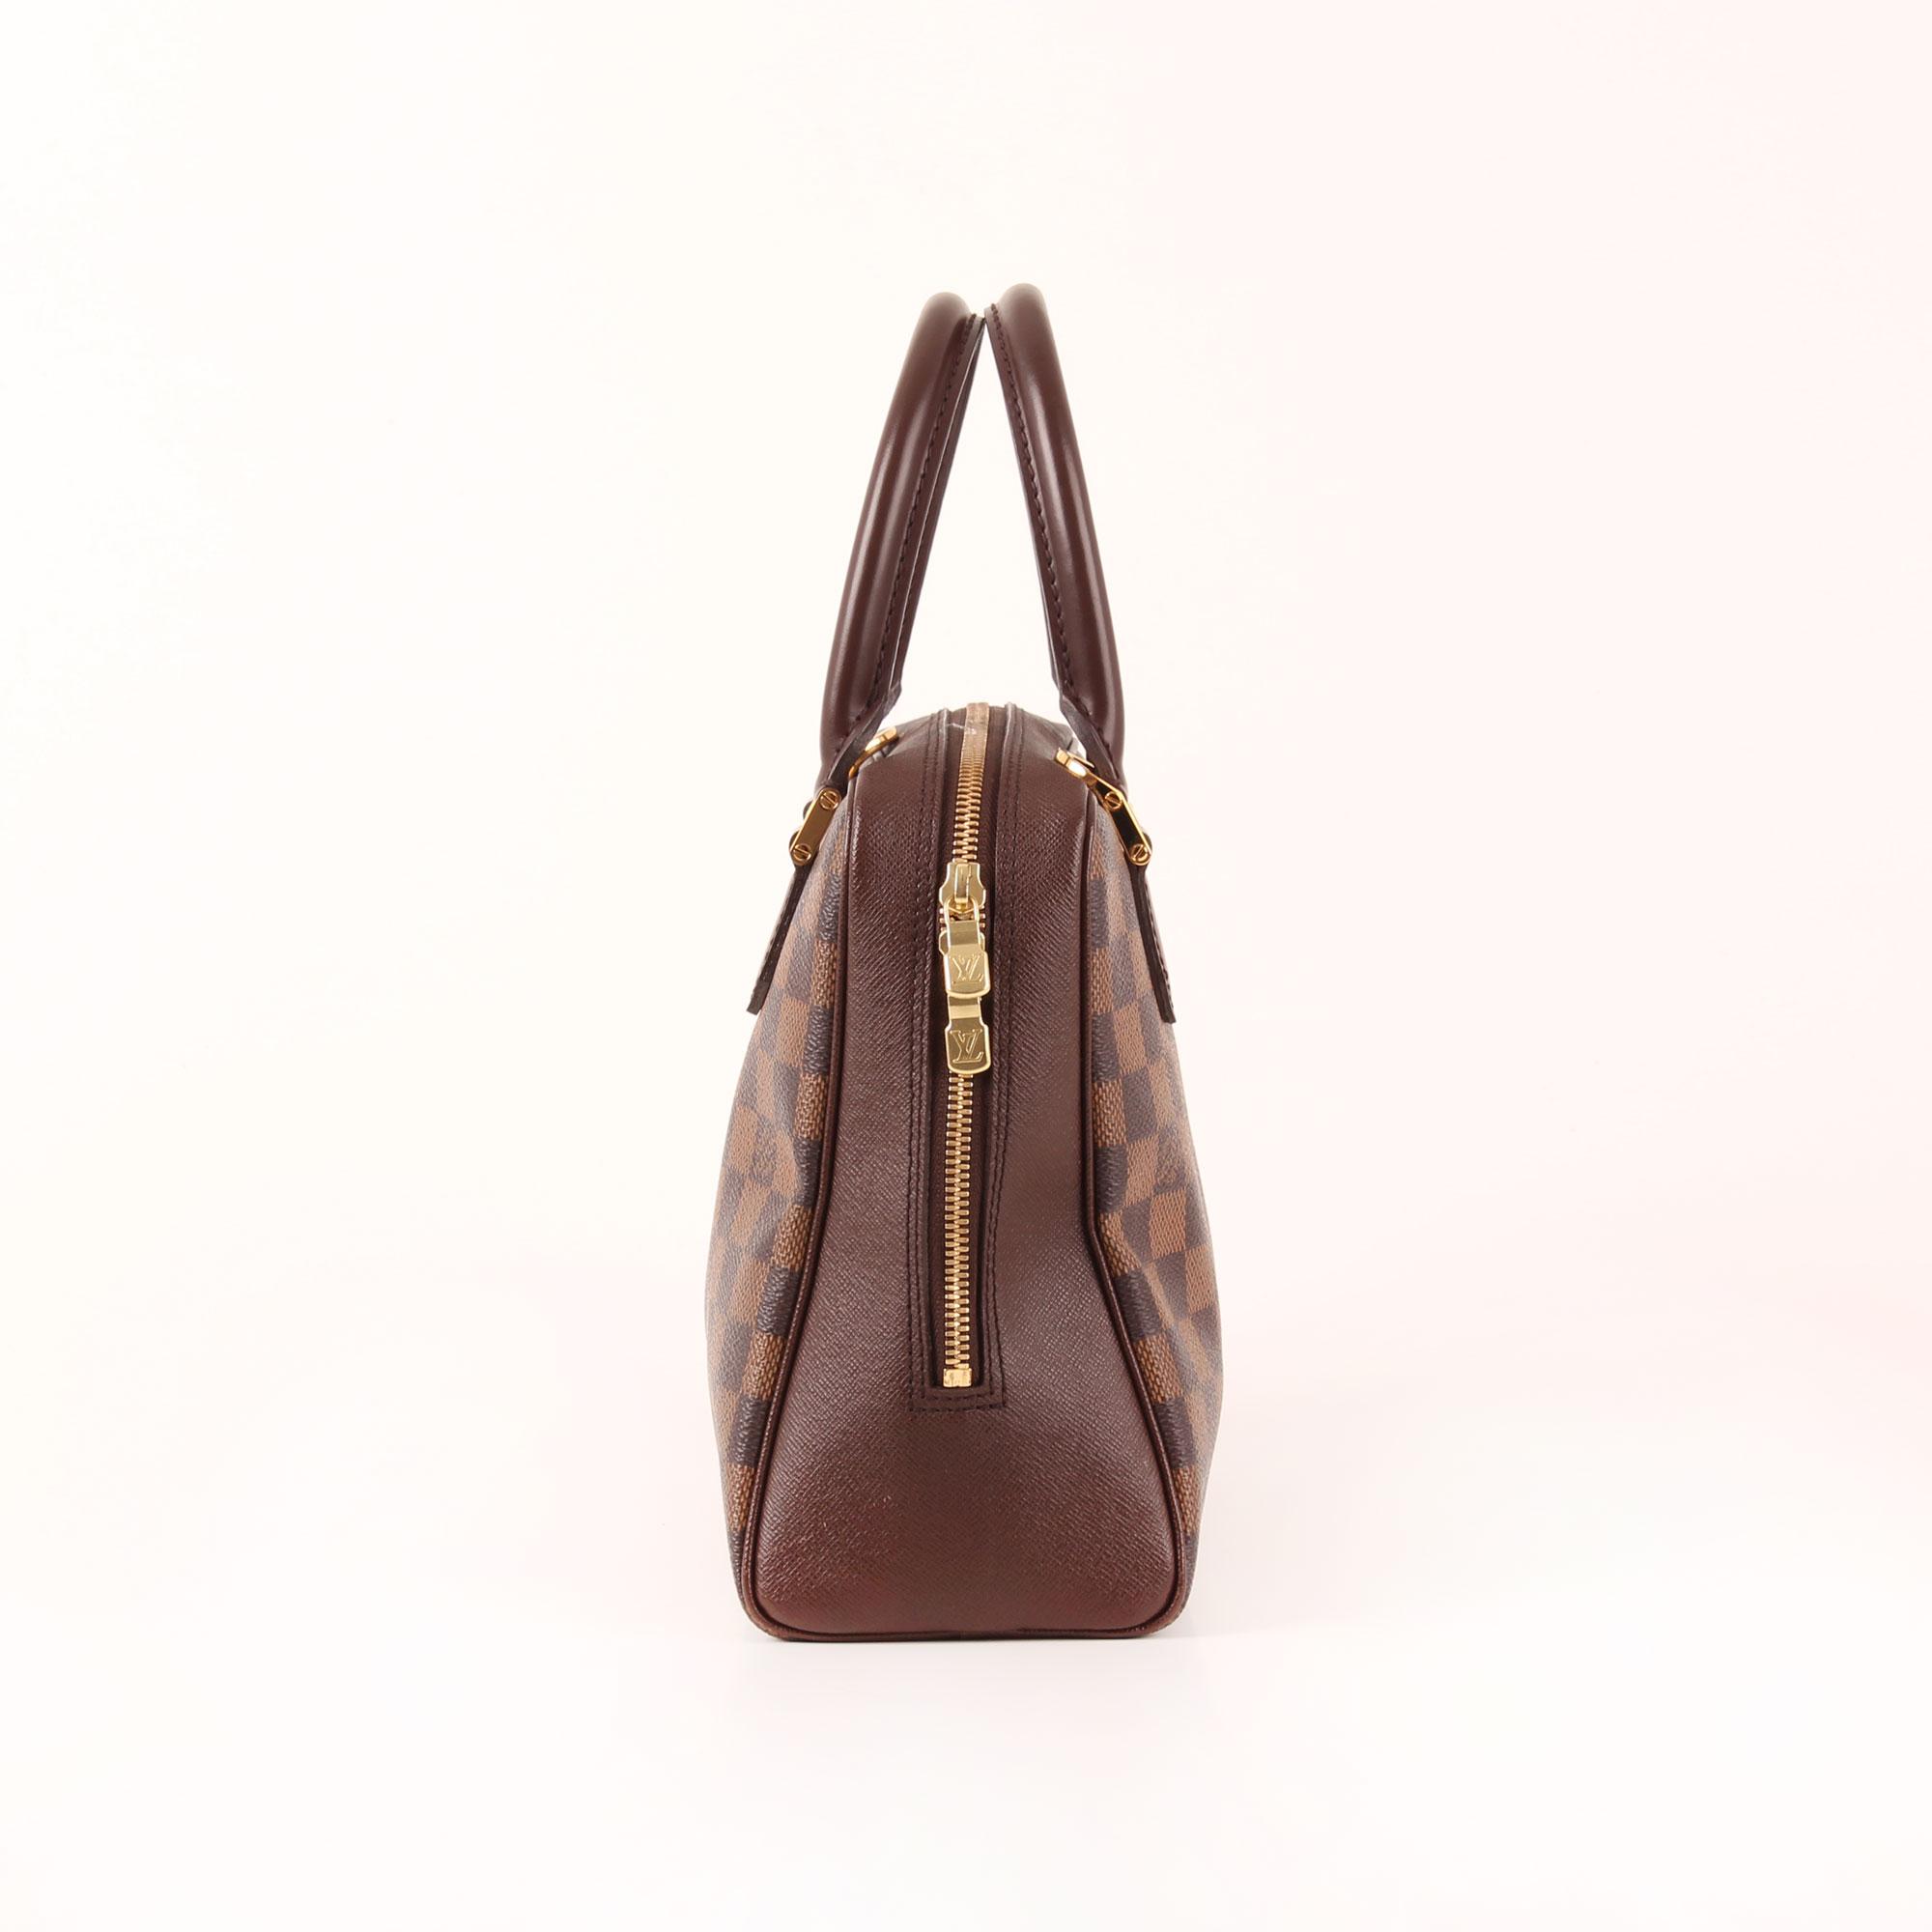 c02f9f075184 Imagen del lado 1 del bolso louis vuitton brera damier ébène marrón